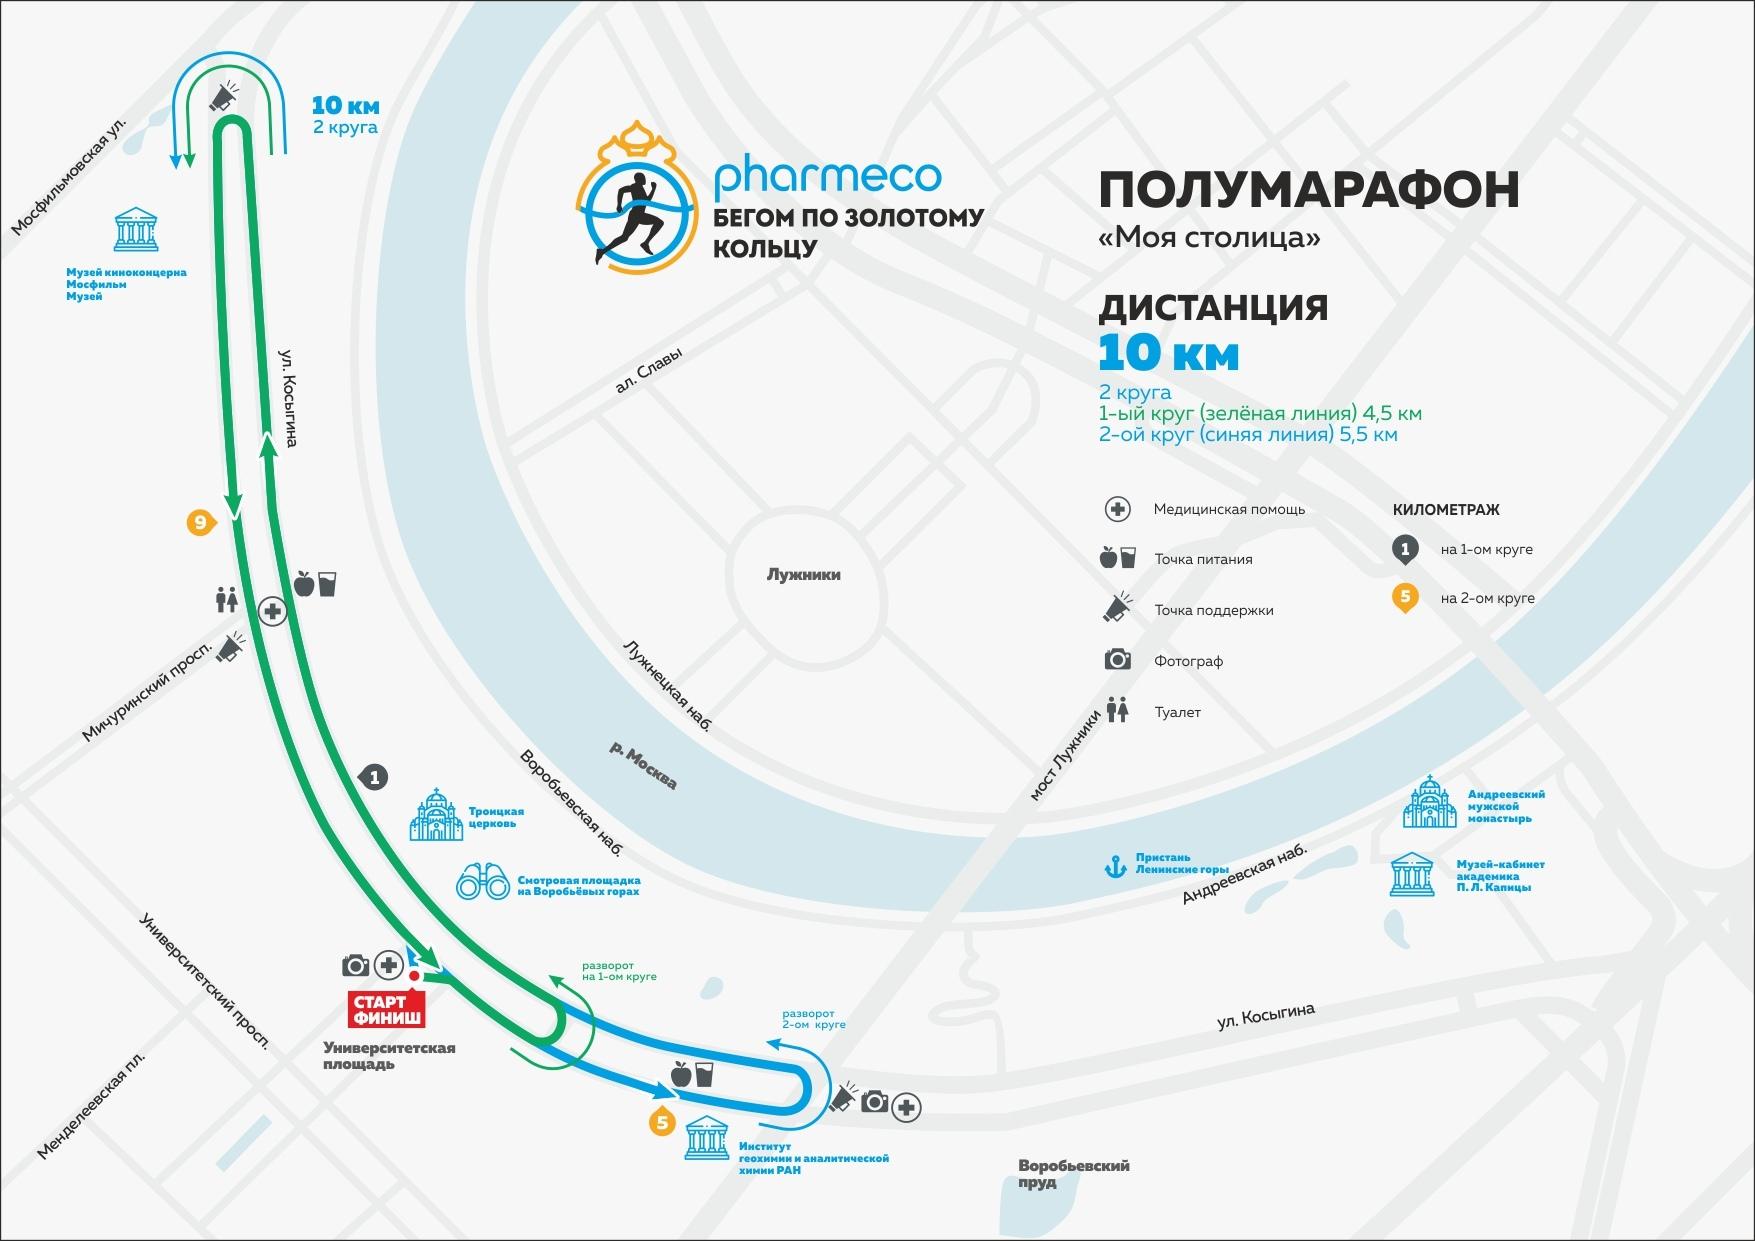 Карта-схема дистанции 10 км полумарафона в Москве - Моя столица 2019